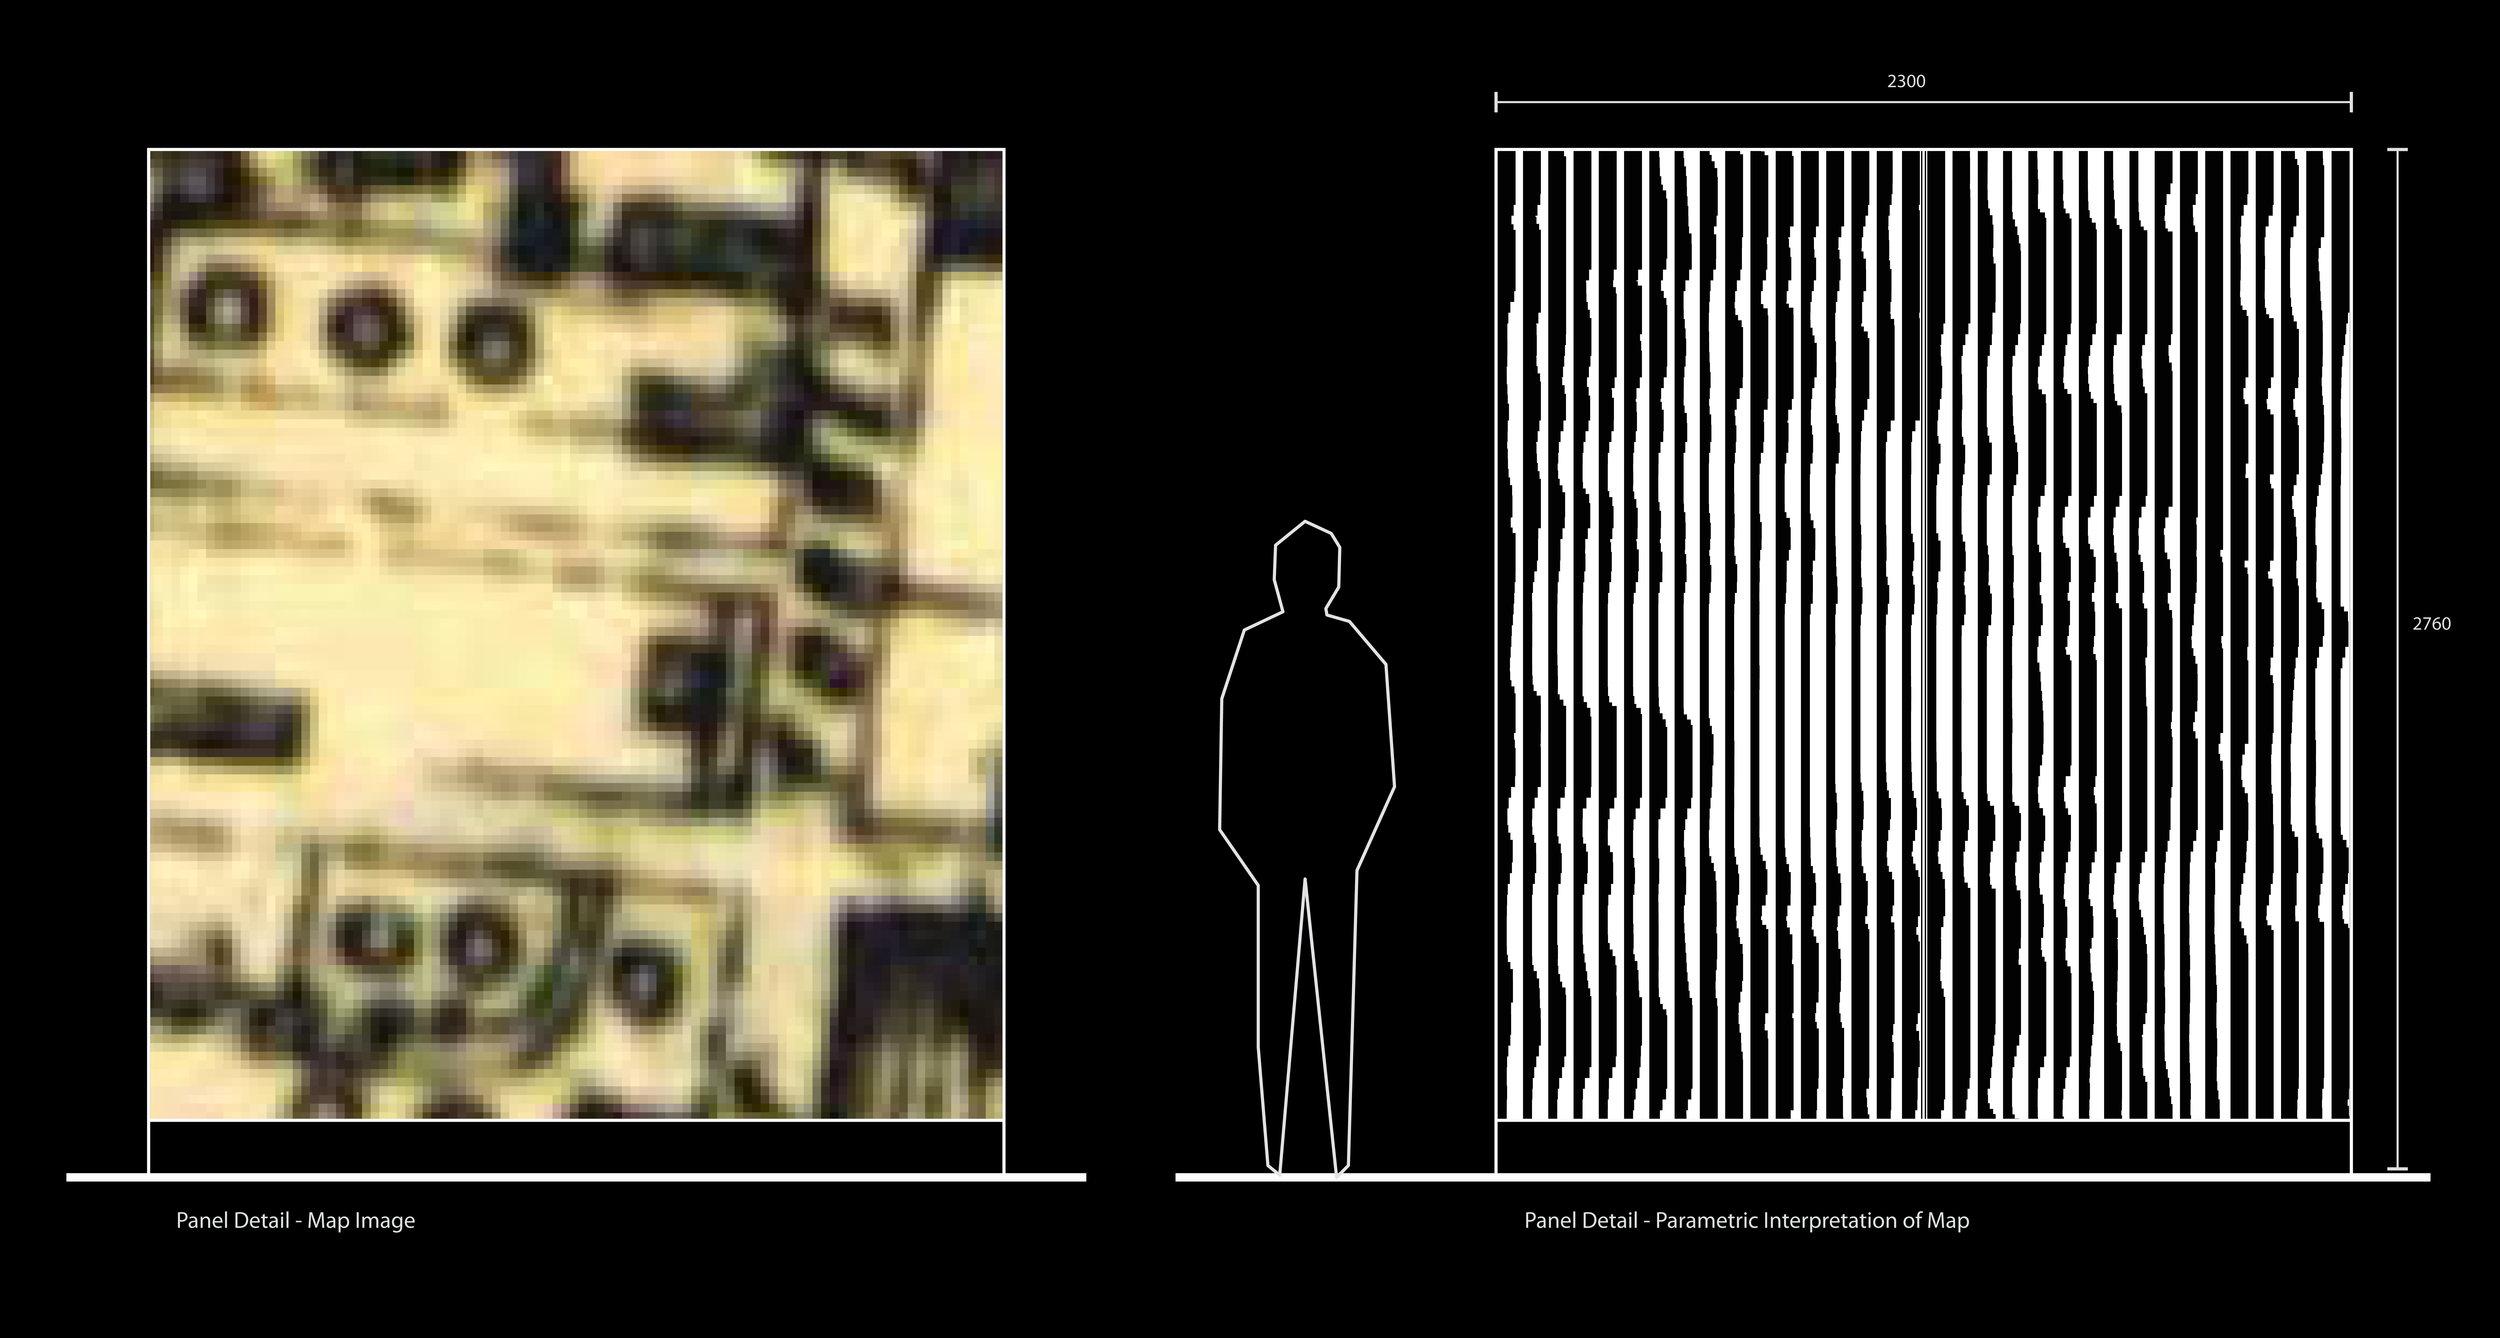 09.FINAL-CNC-D1-Panel_details_comparisons.jpg